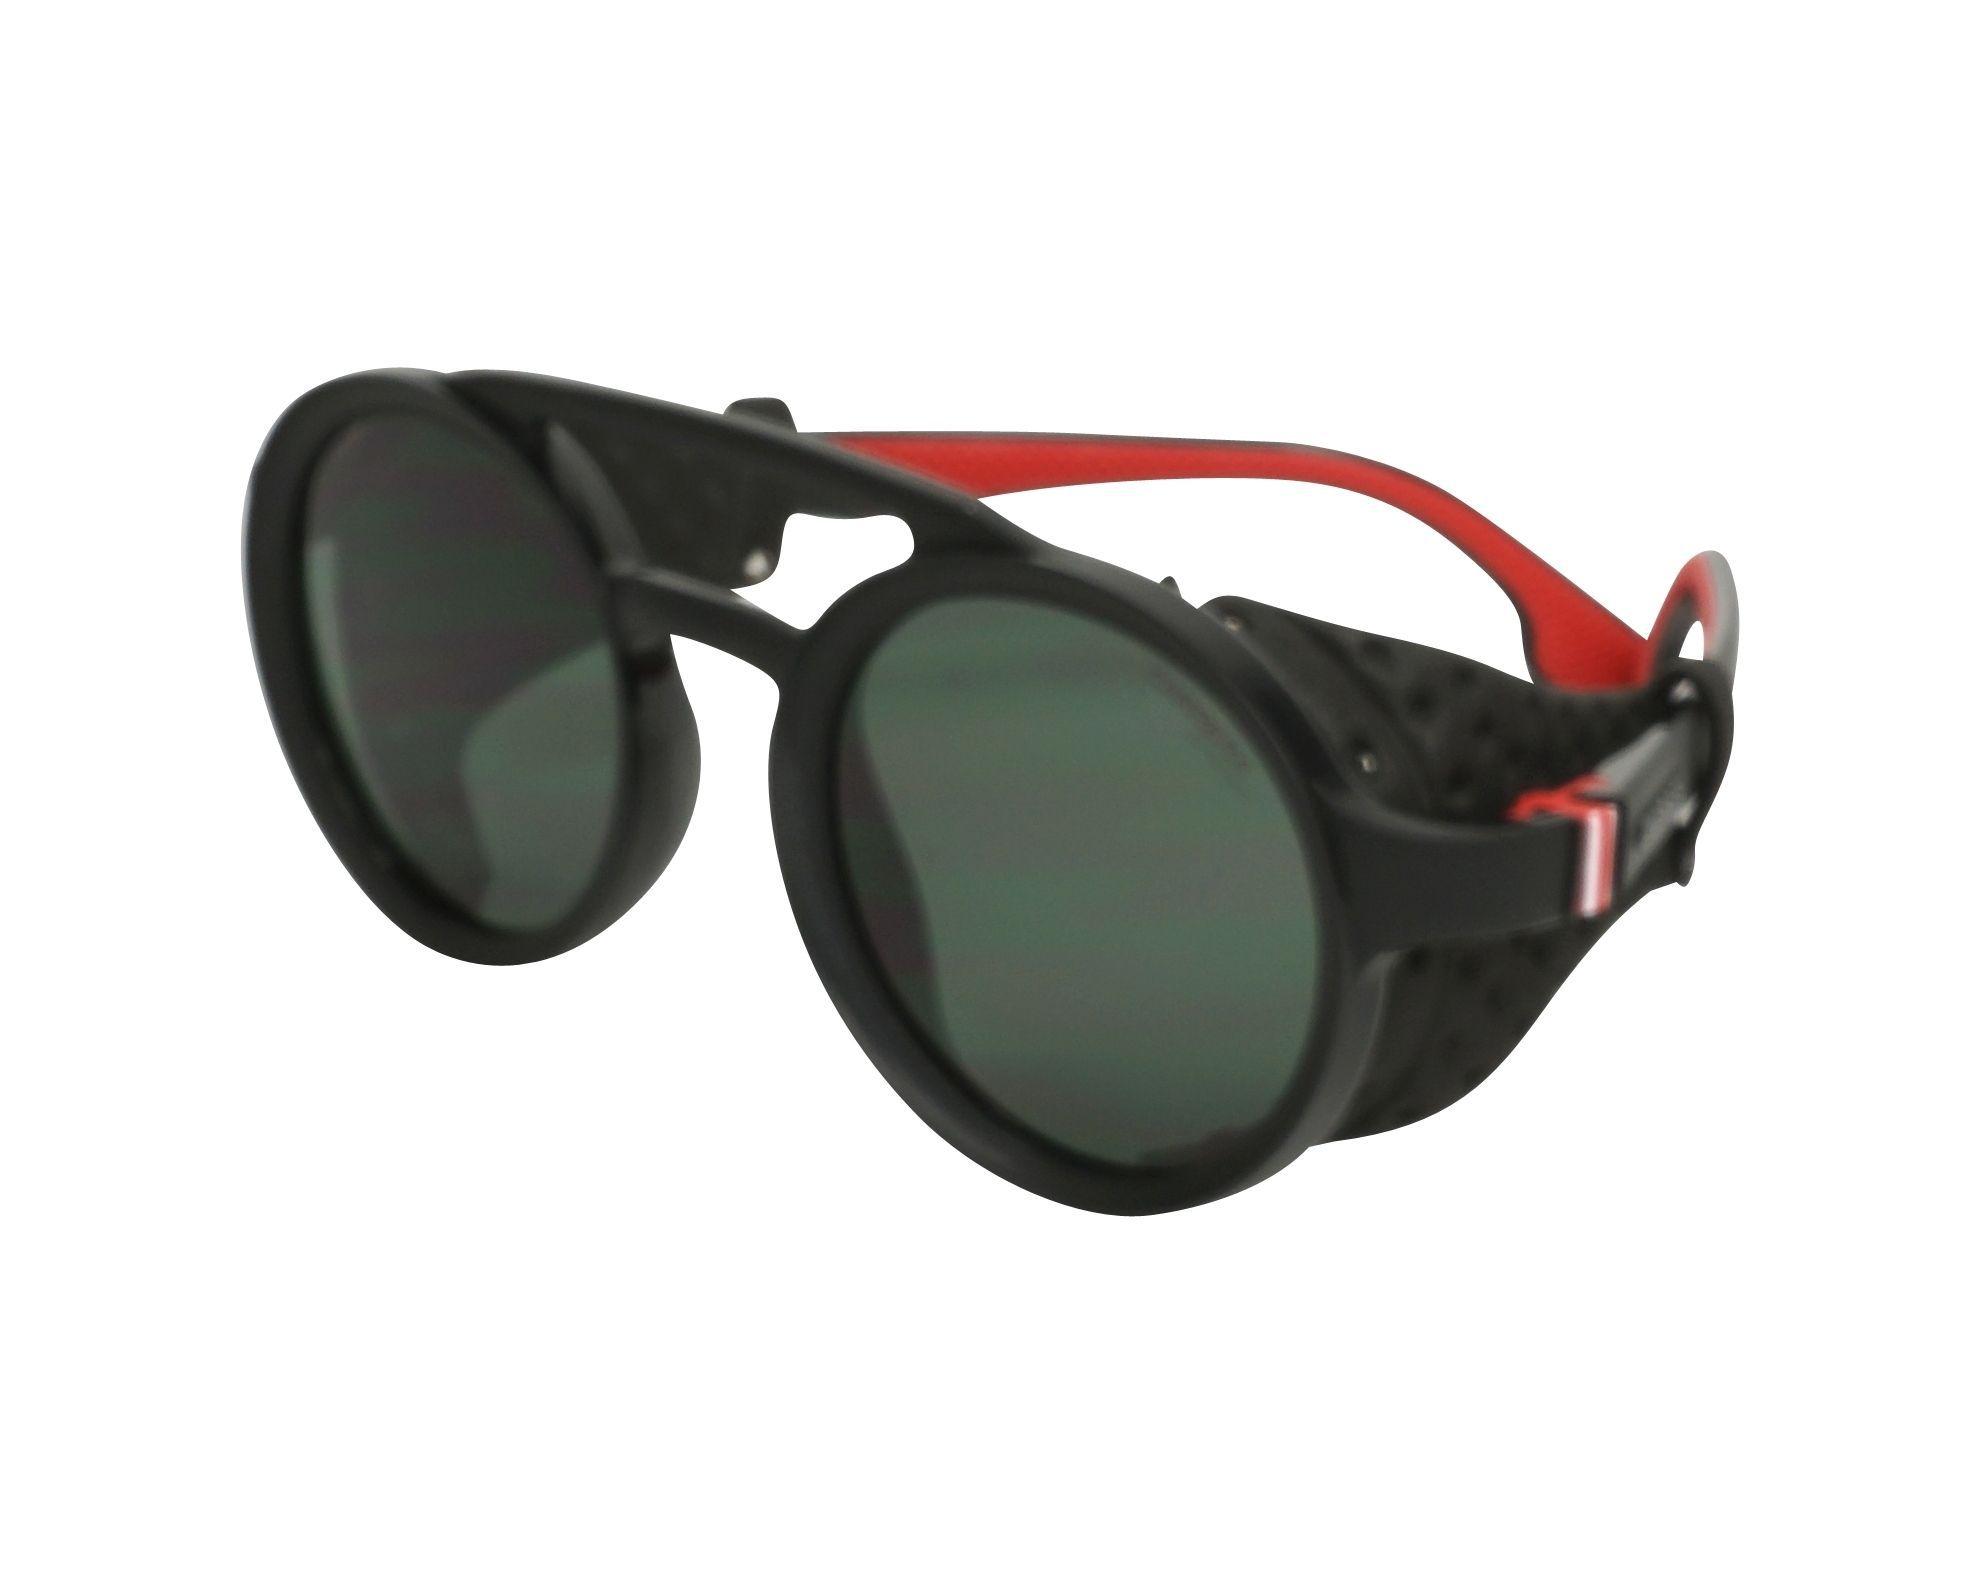 1cb465e72 Óculos de Sol Carrera 5046/S 807QT - Omega Ótica e Relojoaria